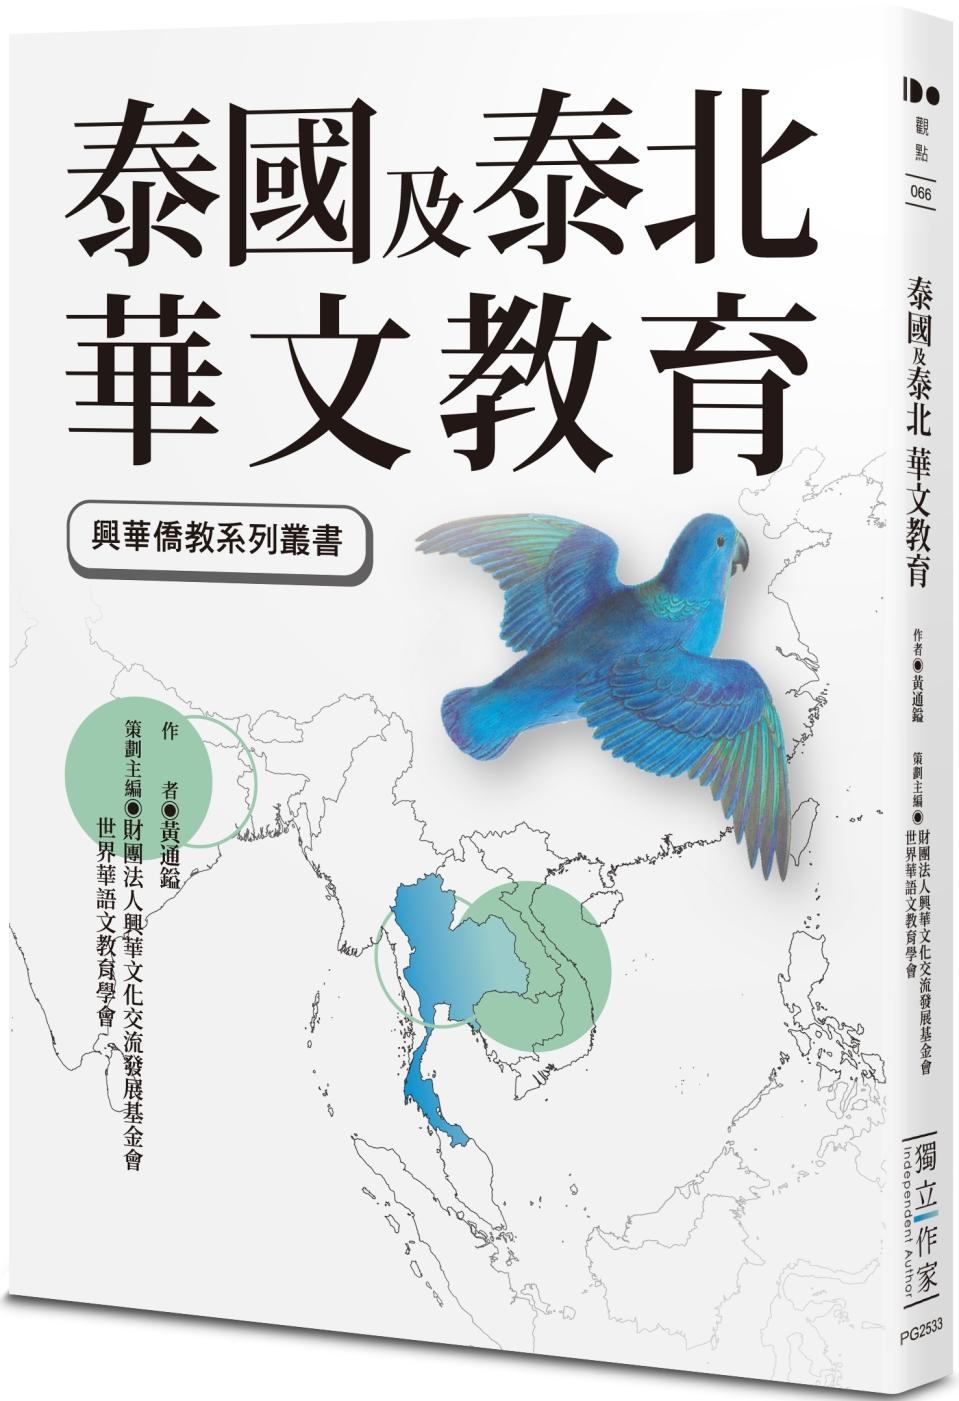 泰國及泰北華文教育